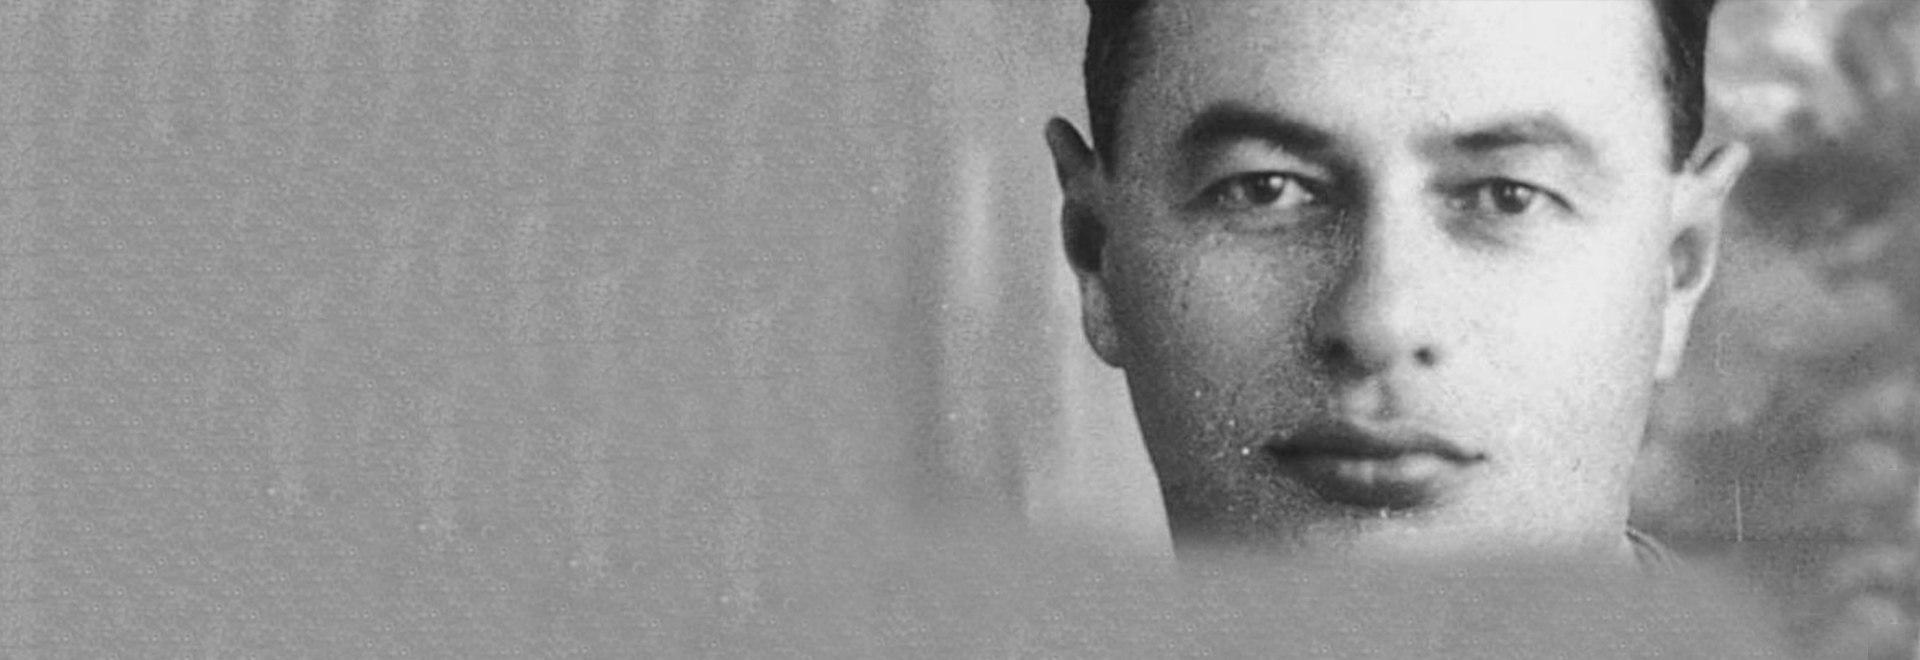 Arpad Weisz - Speciale Il giorno della memoria